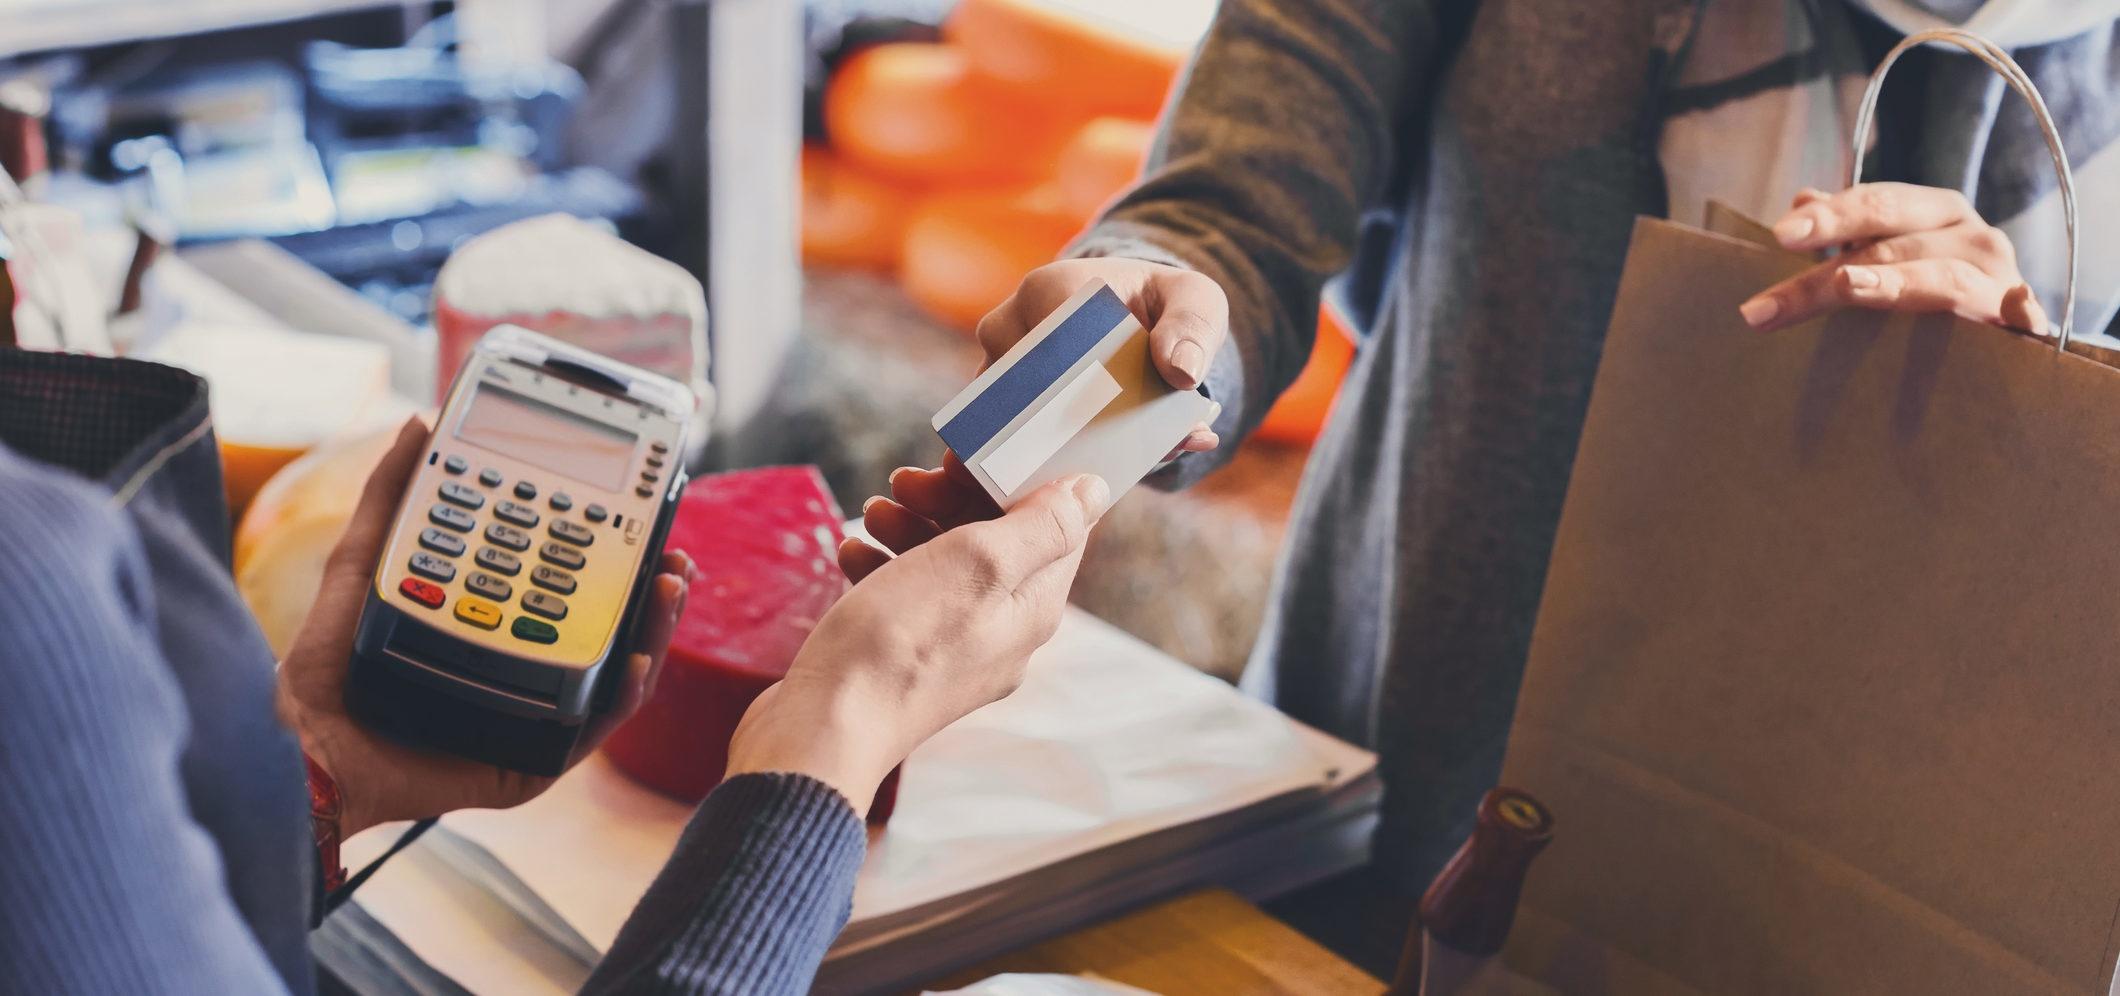 Conheça o cartão de crédito que devolve até 120€ do que gastar